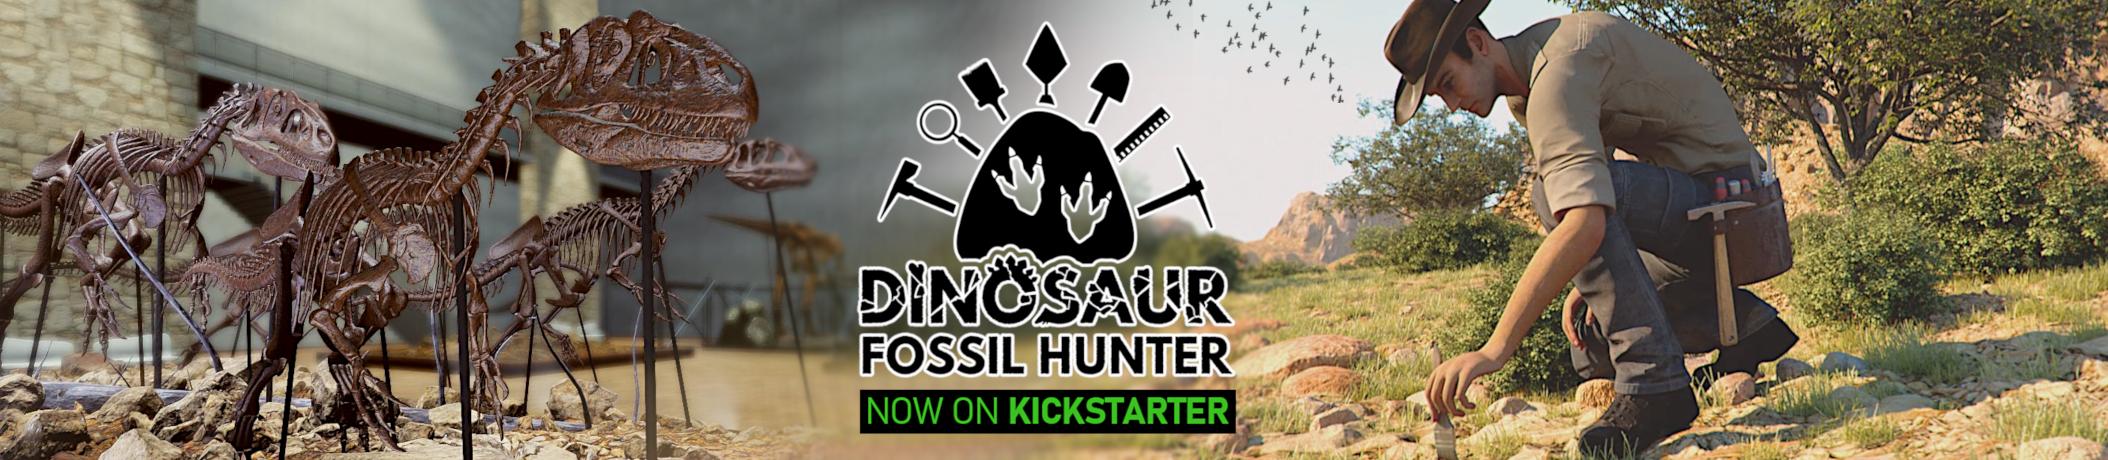 dinosaur fossil hunter spotlight